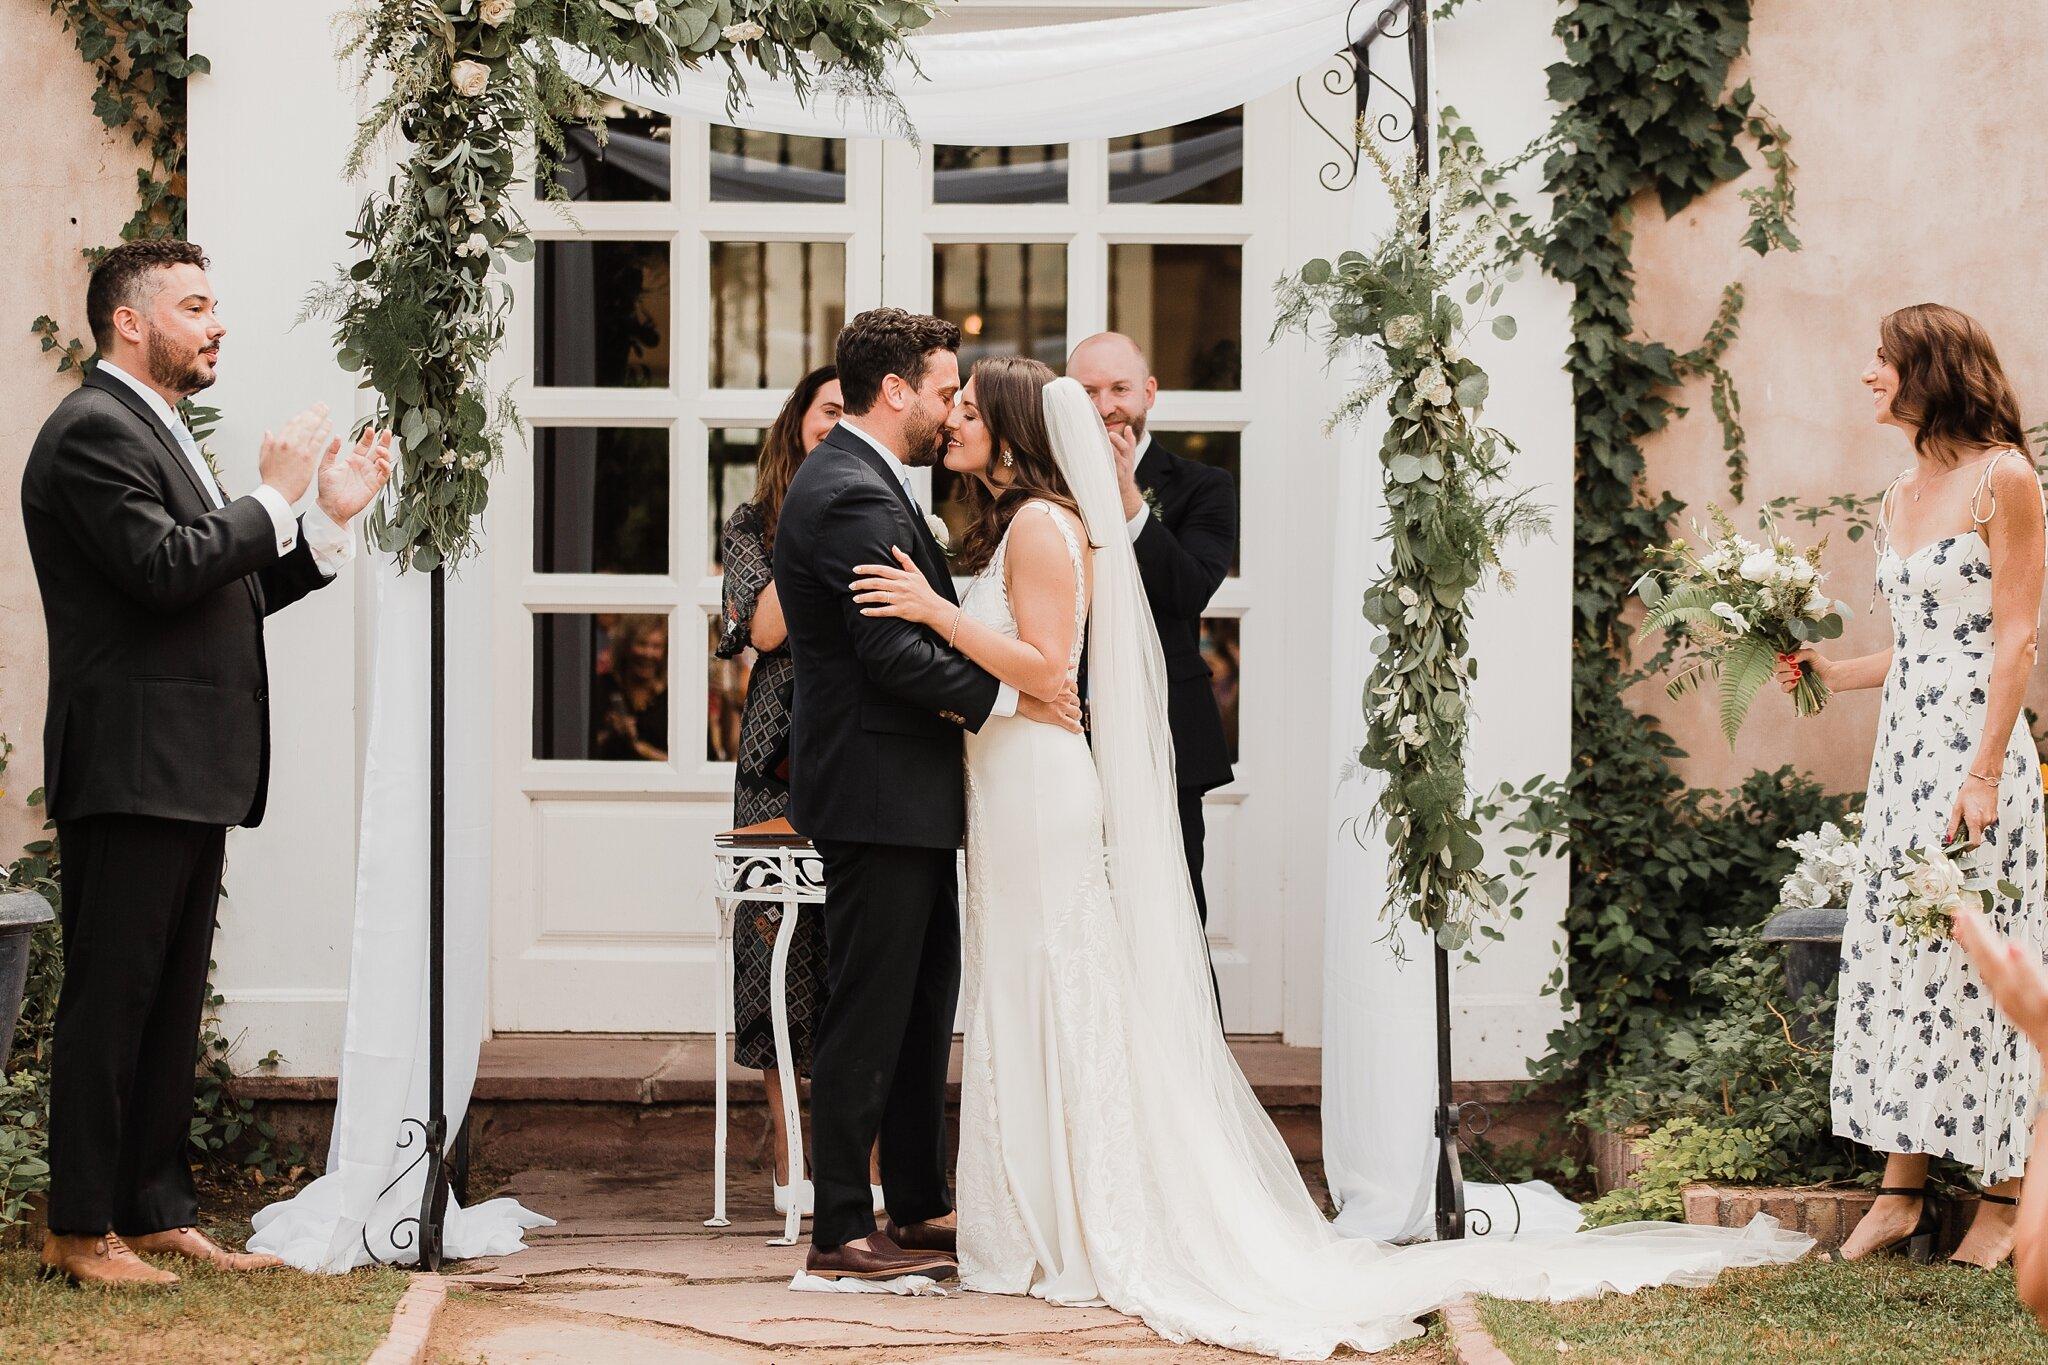 Alicia+lucia+photography+-+albuquerque+wedding+photographer+-+santa+fe+wedding+photography+-+new+mexico+wedding+photographer+-+new+mexico+wedding+-+wedding+-+albuquerque+wedding+-+los+poblanos+-+los+poblanos+wedding+-+fall+wedding_0066.jpg